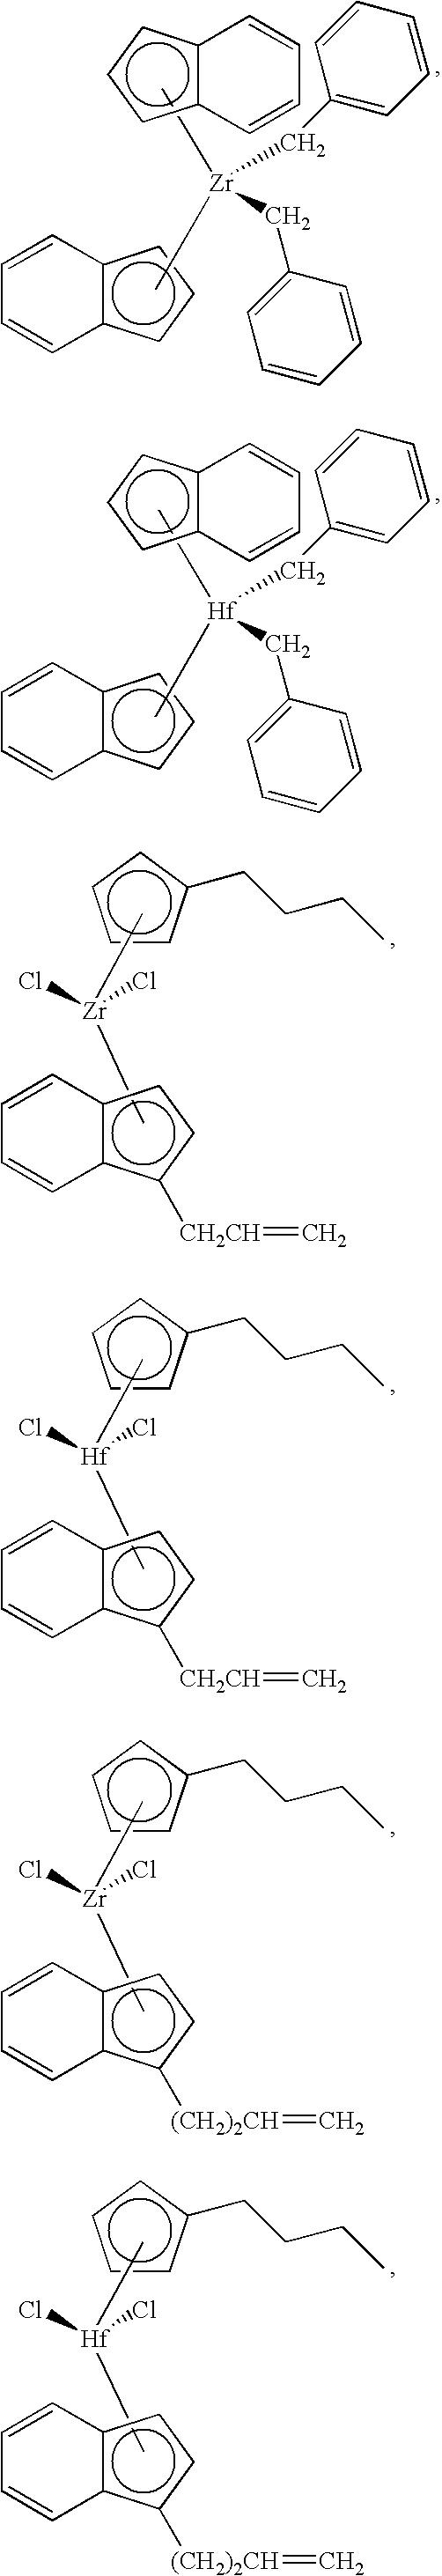 Figure US07619047-20091117-C00031